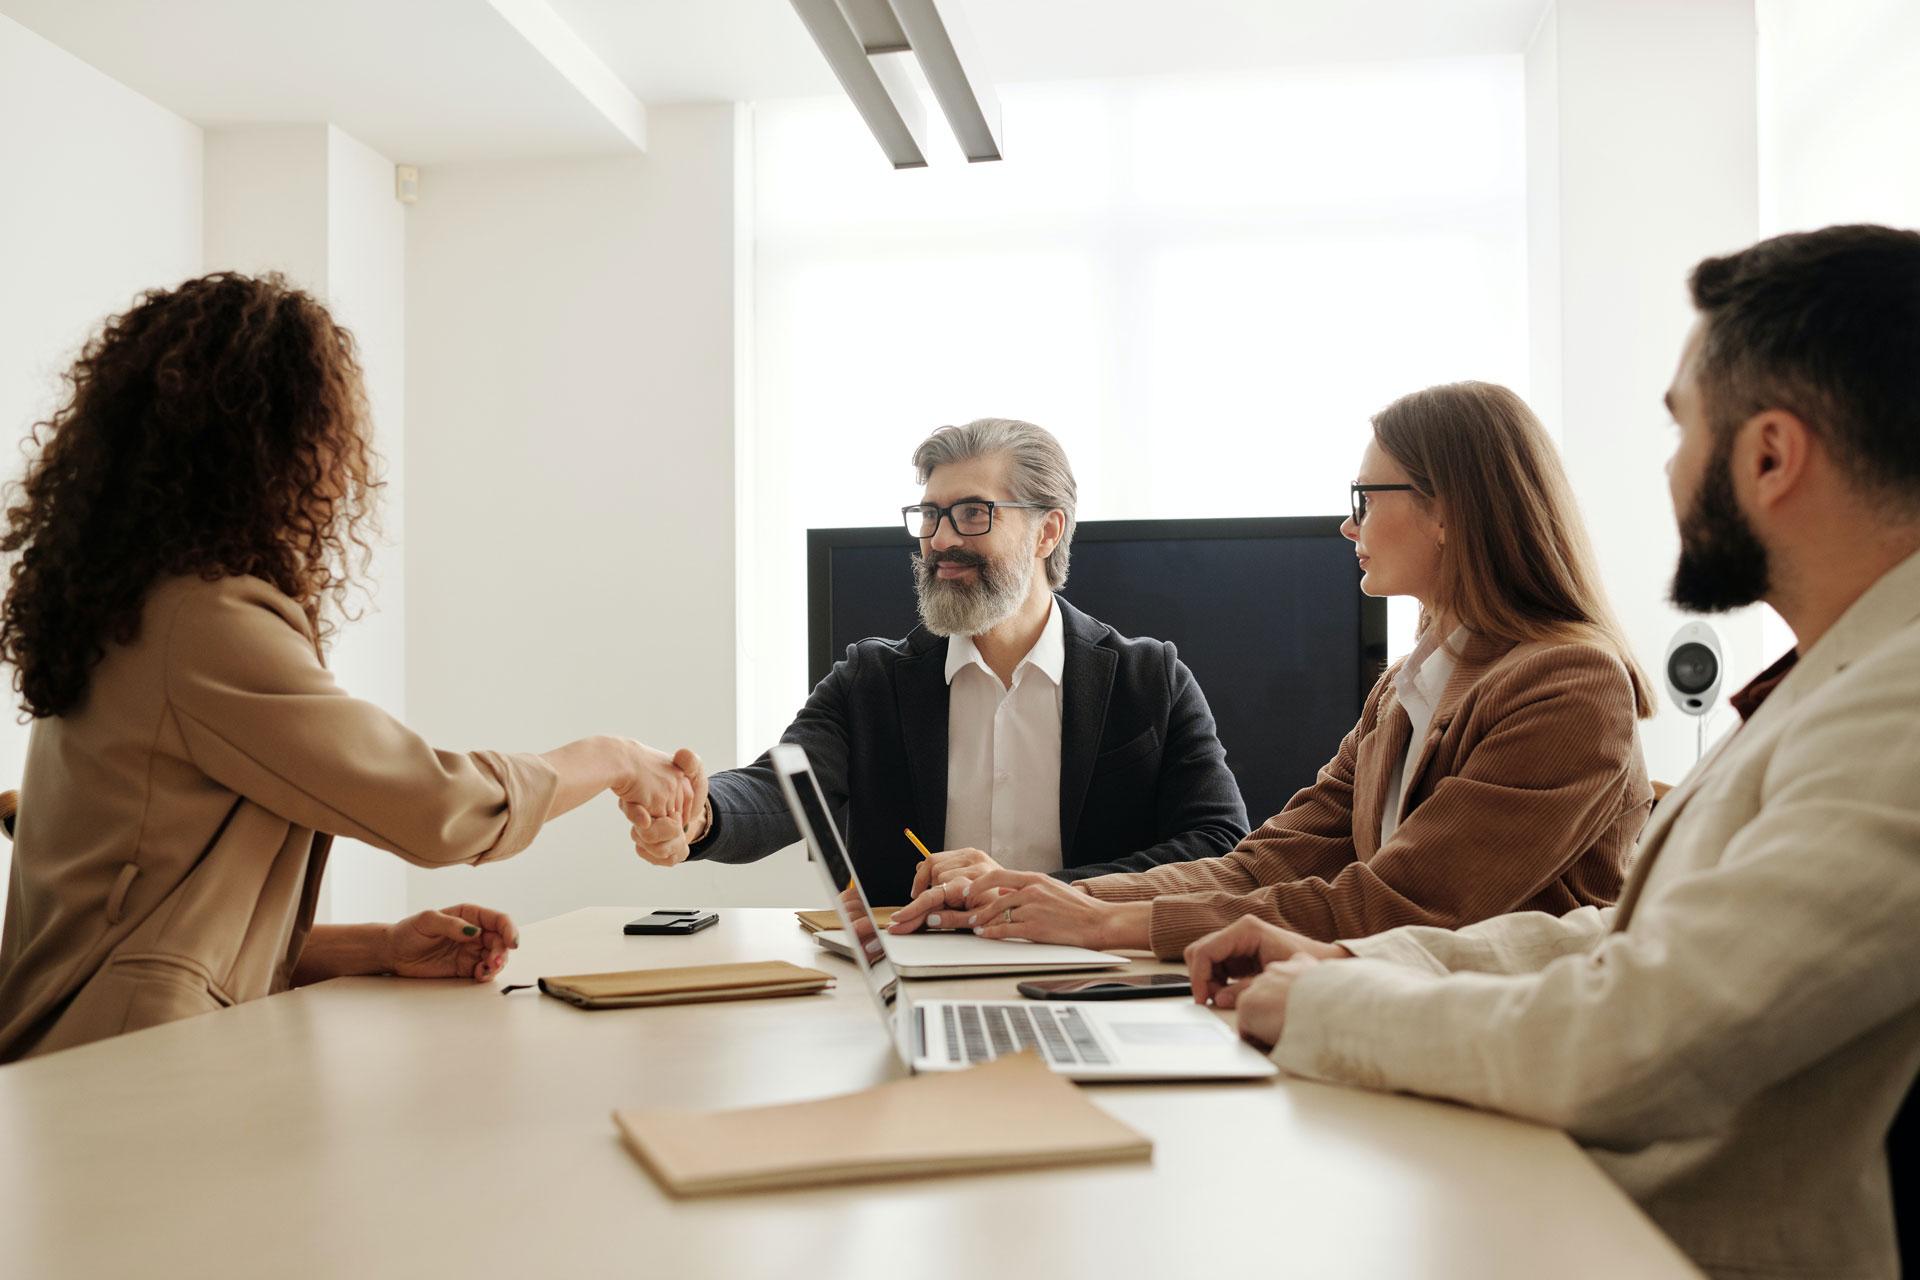 Працівникам соціальних сервісів,HR-ам